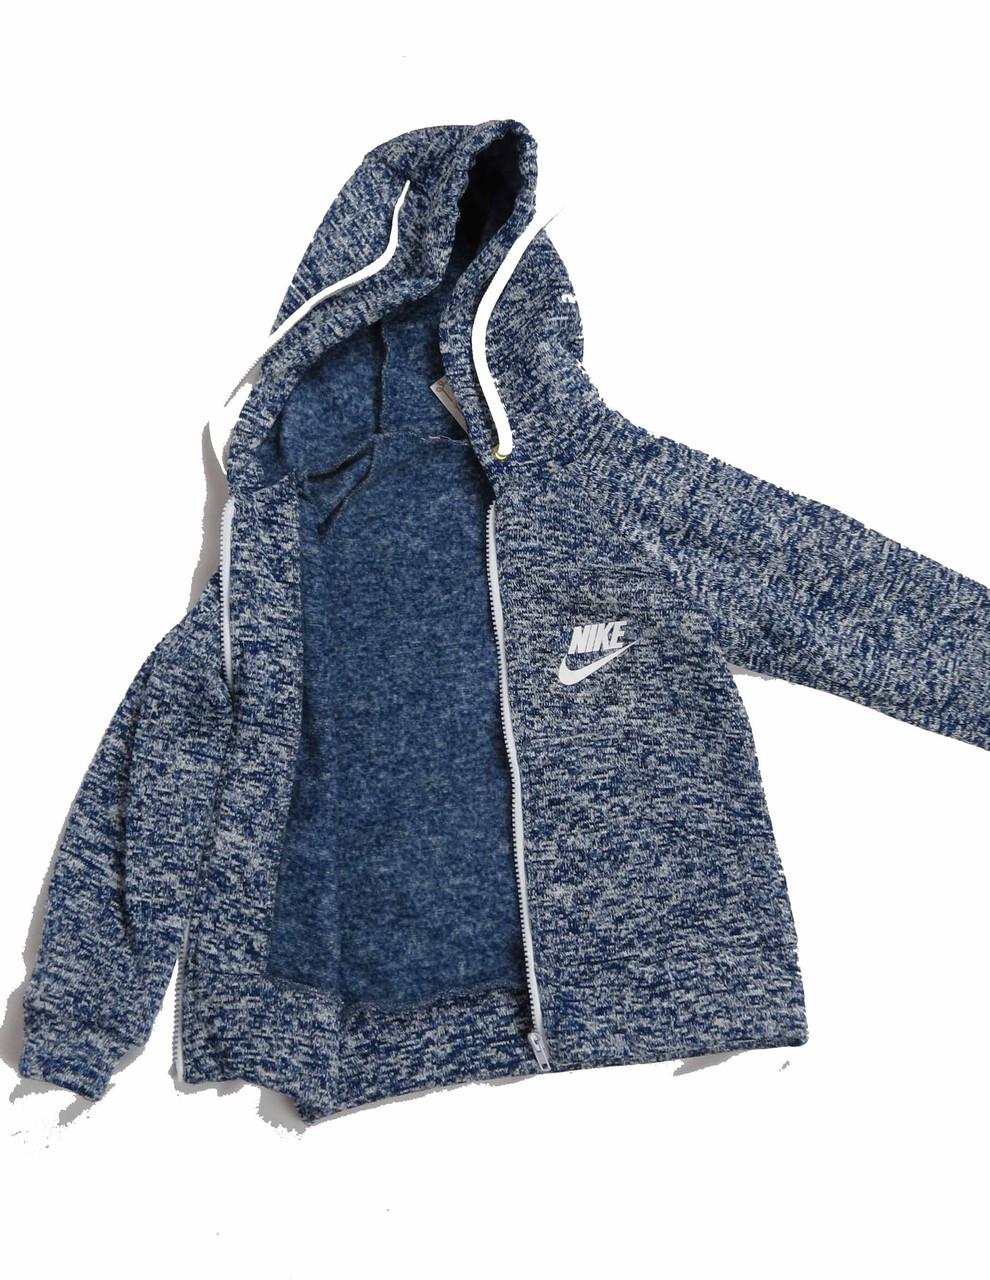 Костюм спортивный теплый на байке, код-501, ткань трикотаж,размер  рост 122-140, возраст 6-10 лет, фото 4